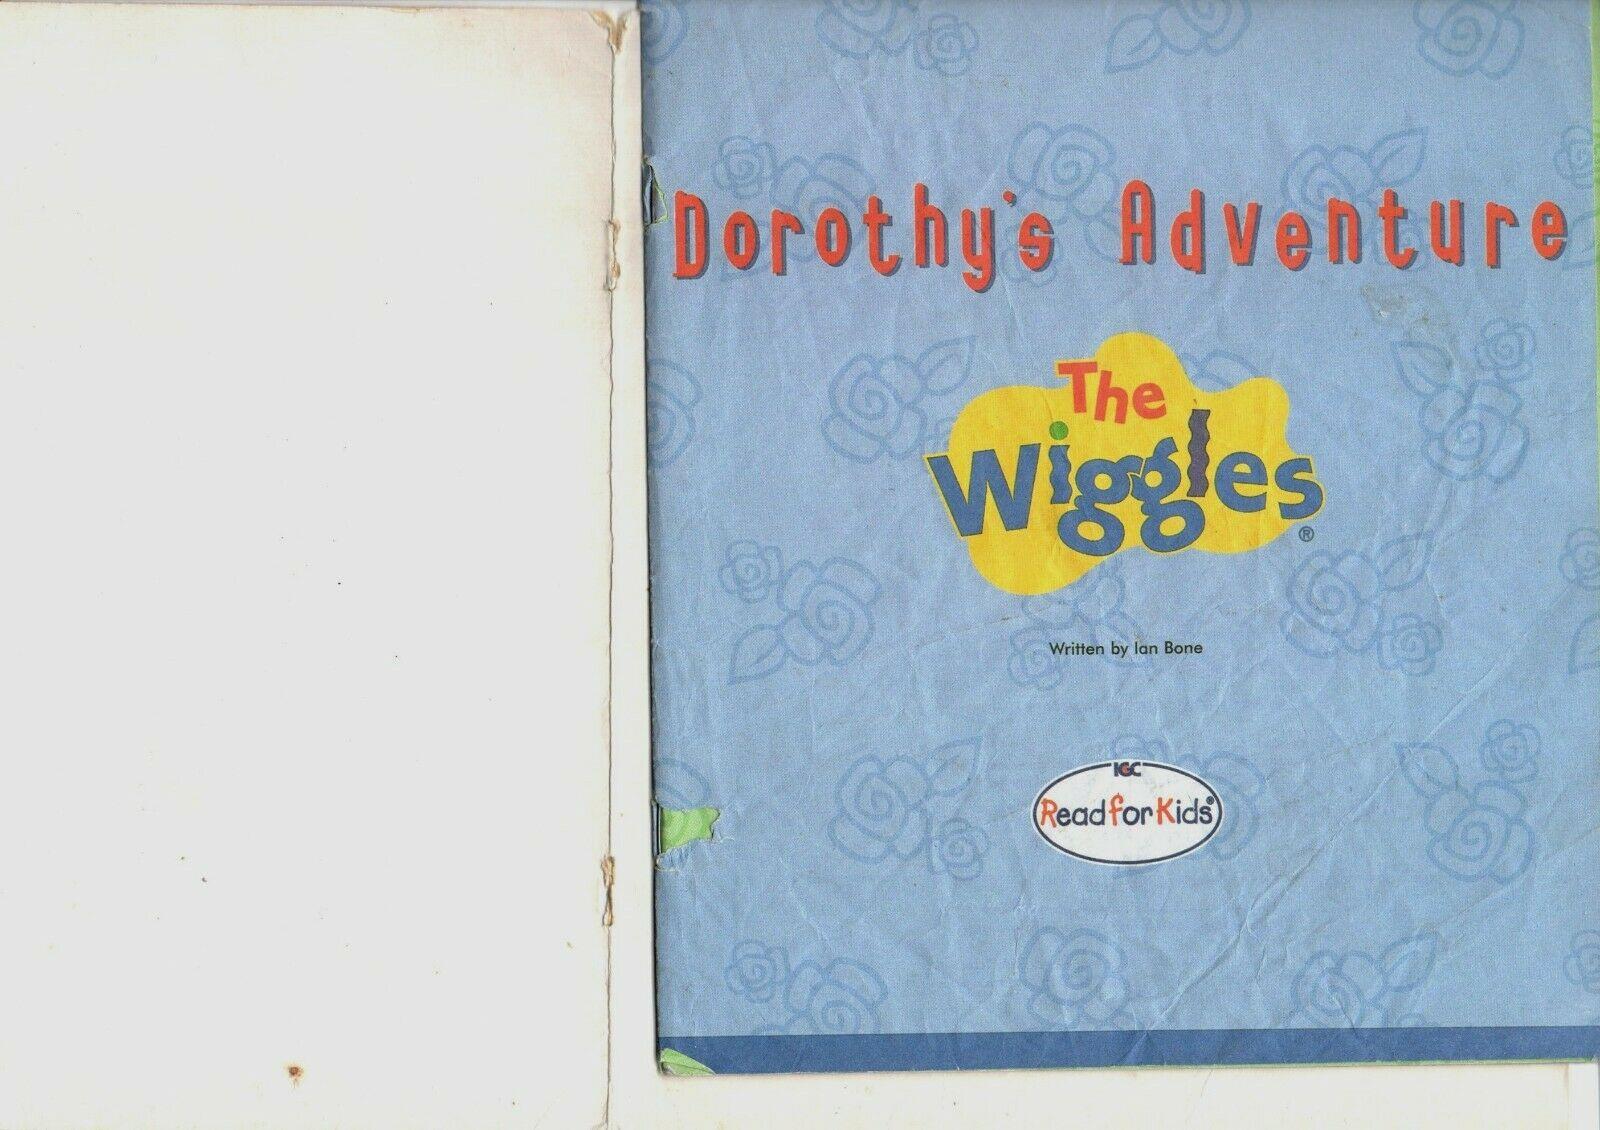 Dorothy's Adventure